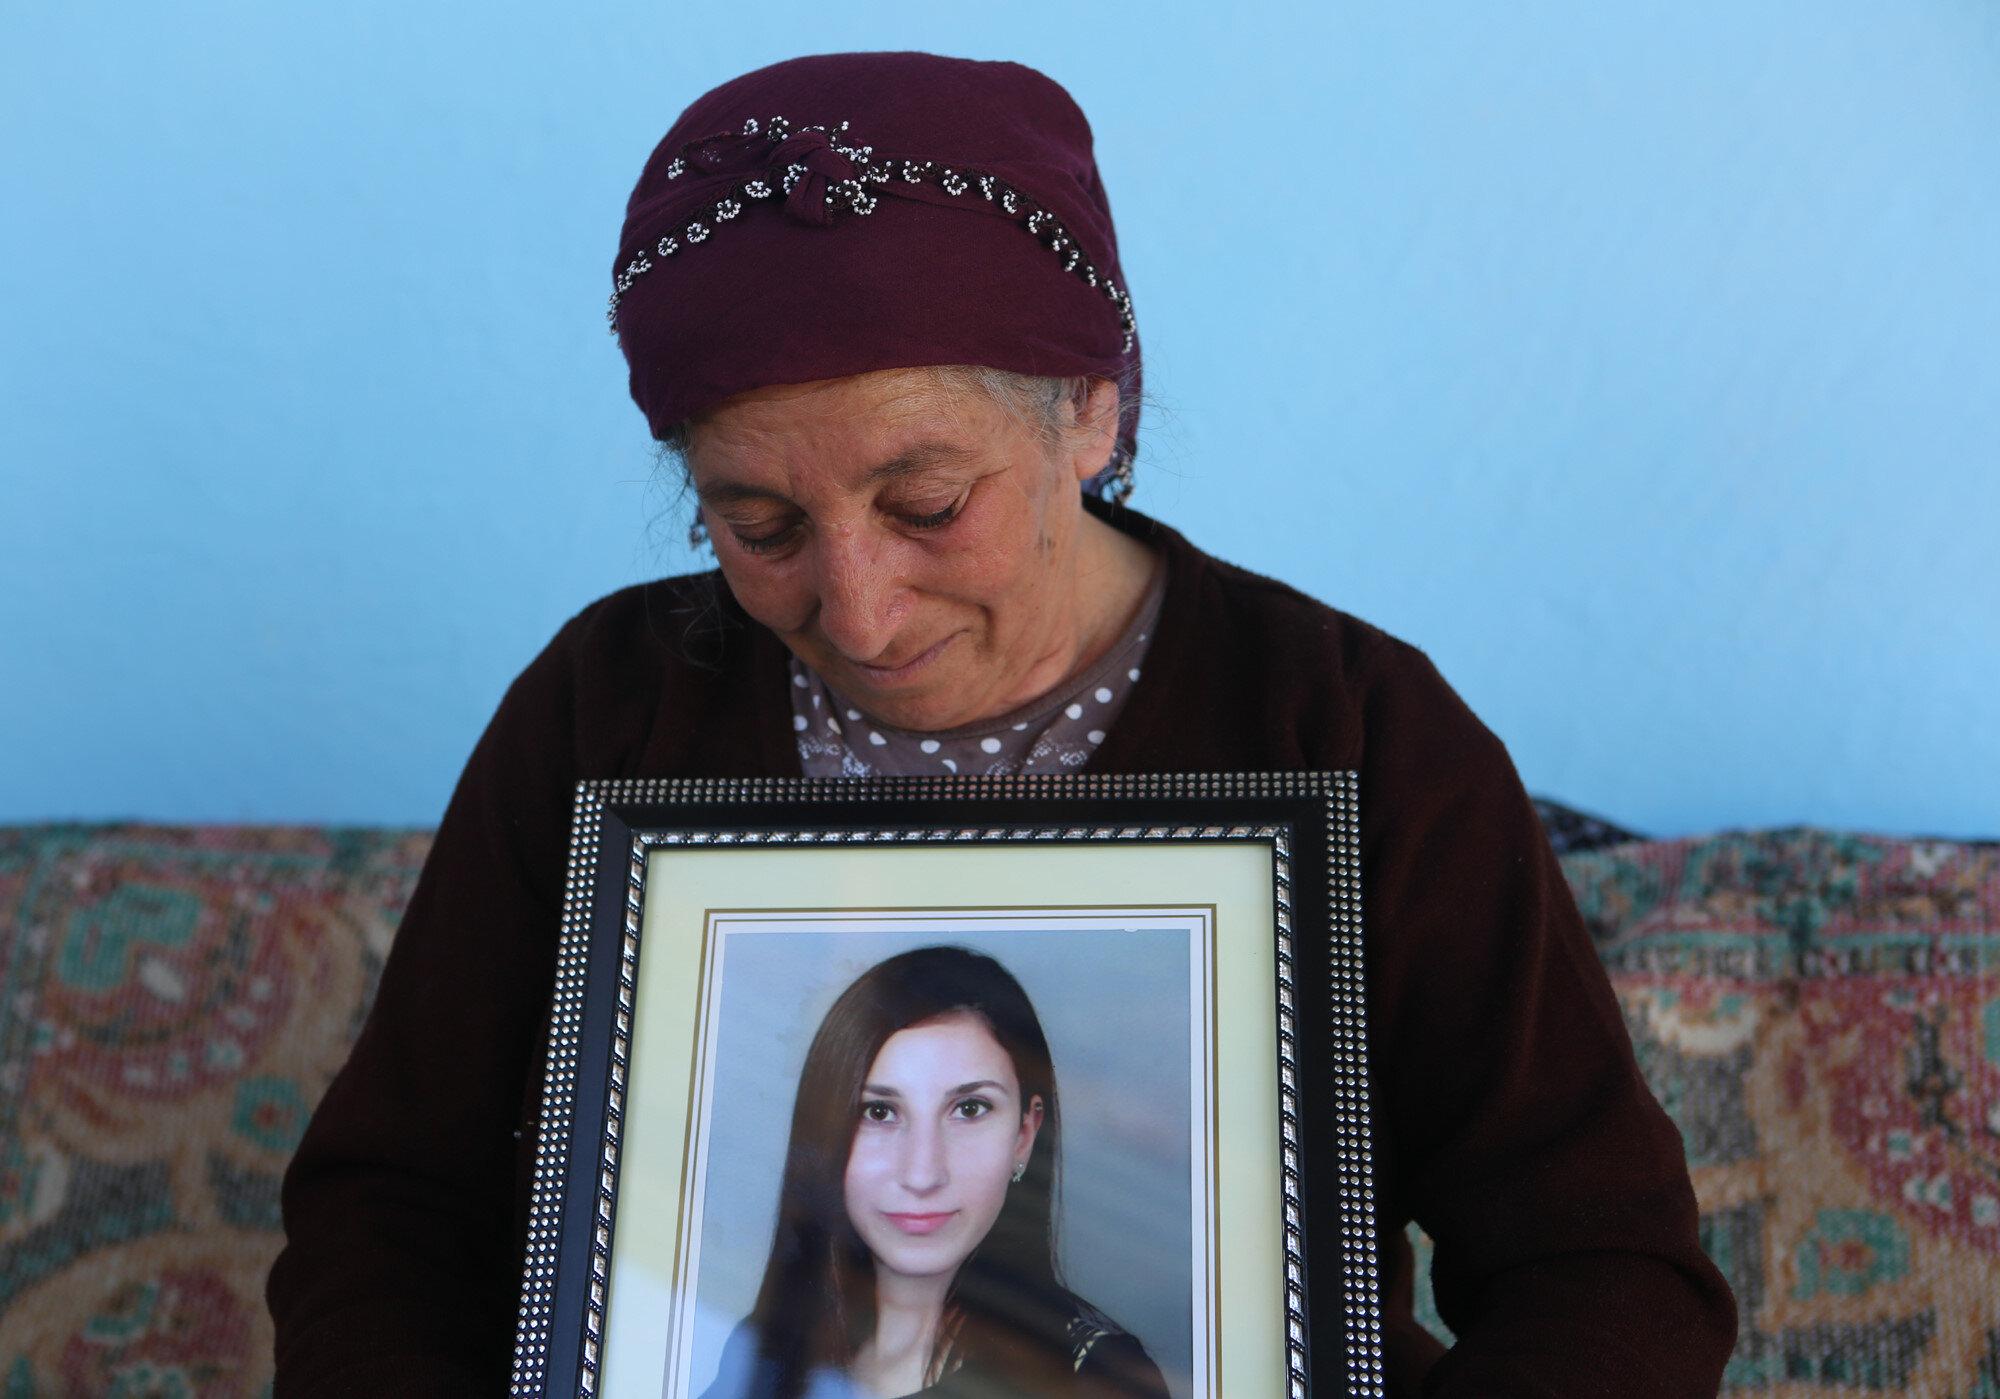 Güllü Turan kızının fotoğrafını ve okulda verilen takdir belgelerini eline alıp, geride bıraktığı eşyalarını koklayarak, gözyaşı döktü.